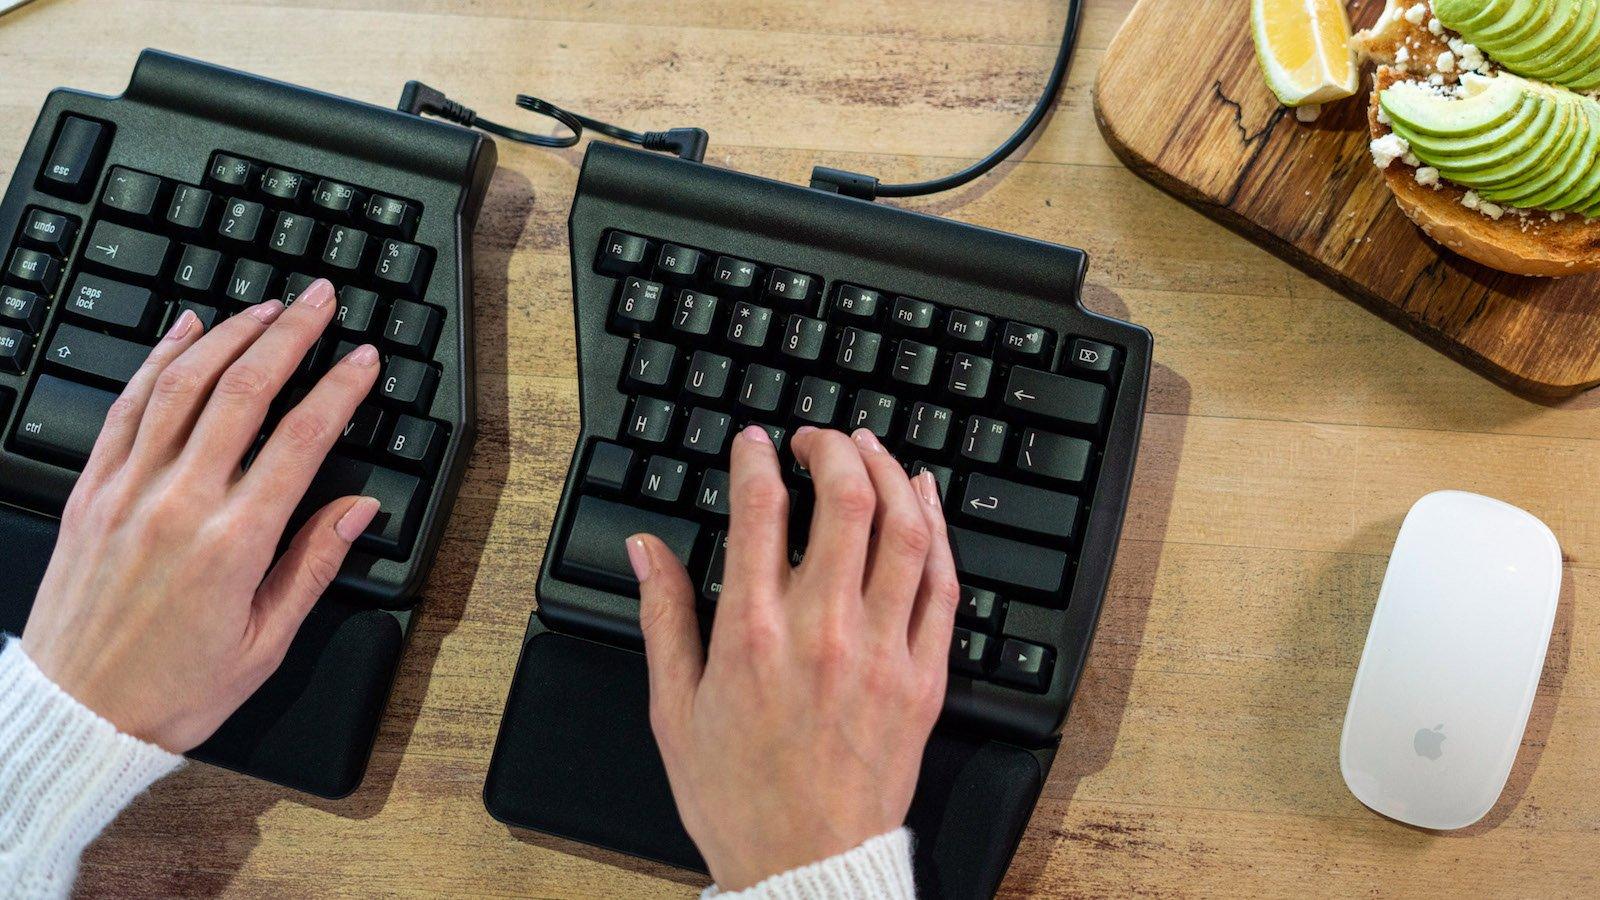 Programmable Ergo Pro ergonomic mechanical keyboard provides a range of key adjustments